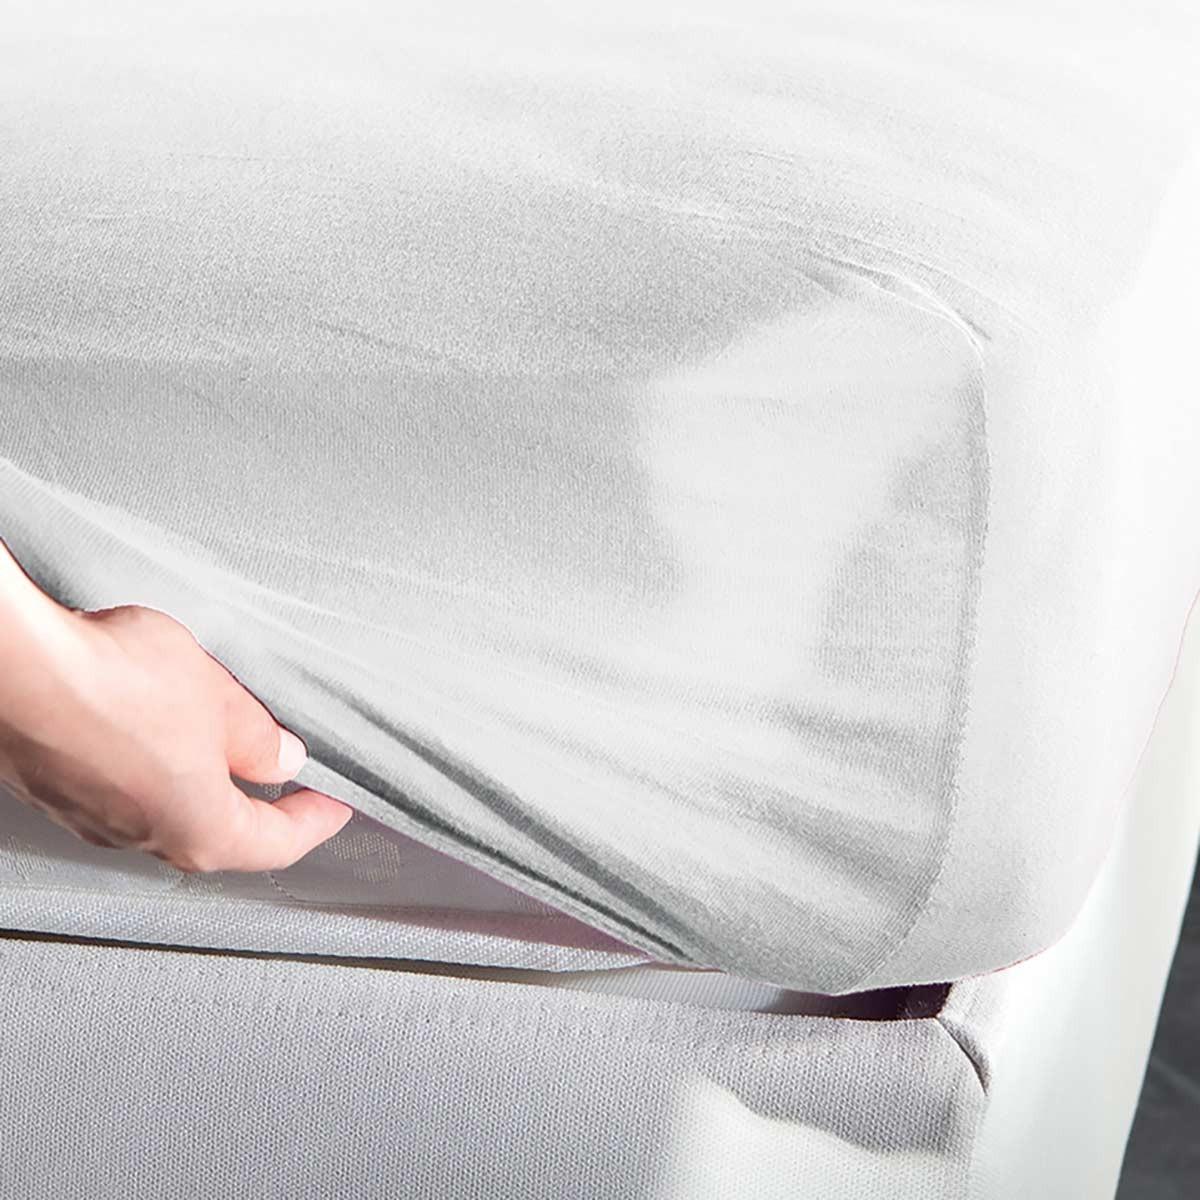 Σεντόνι Μακό Υπέρδιπλο Με Λάστιχο La Luna Jersey home   κρεβατοκάμαρα   σεντόνια   σεντόνια μεμονωμένα